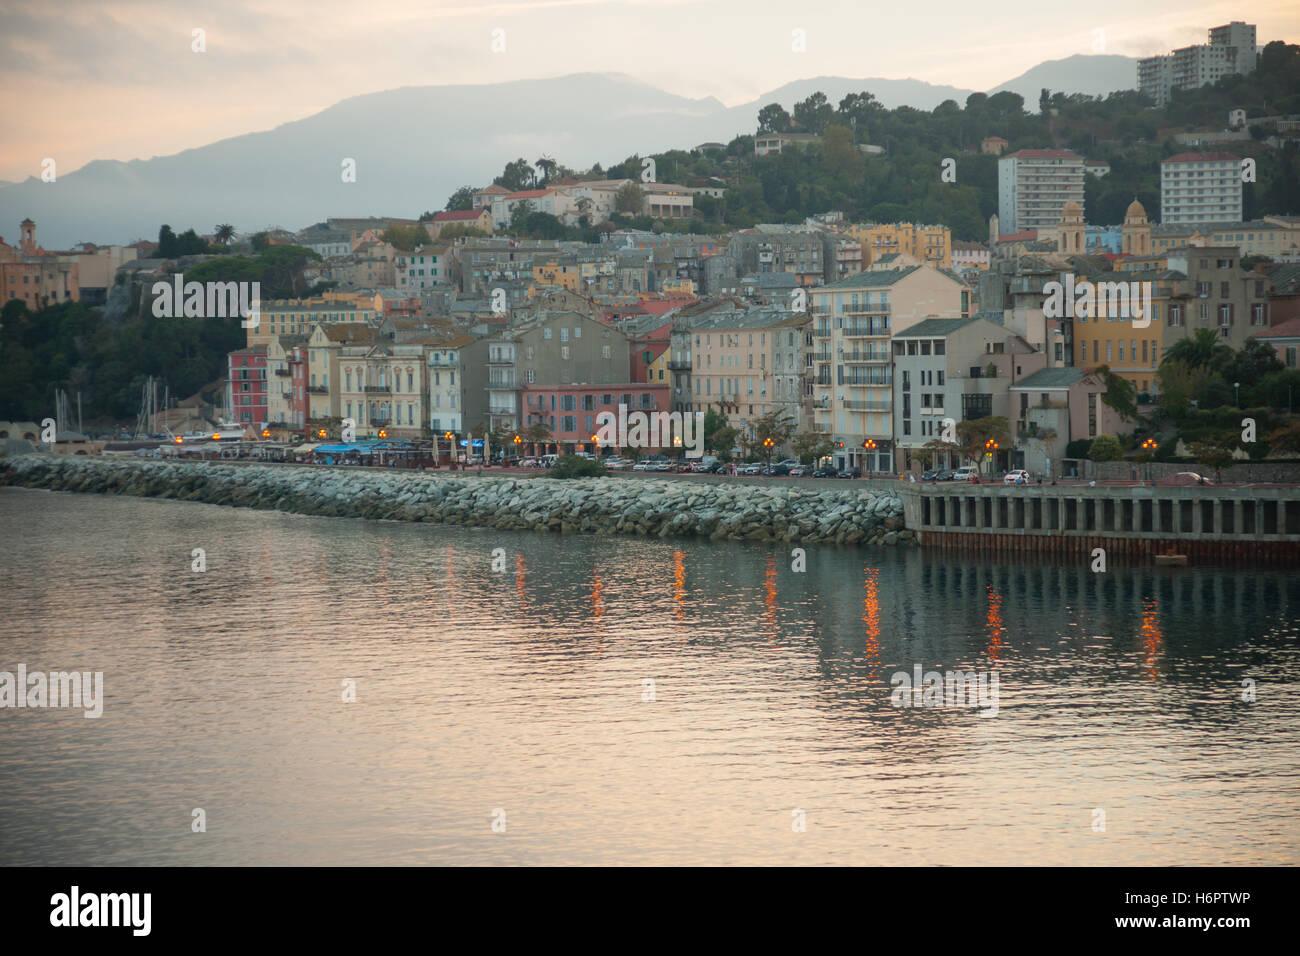 Die Terra Vecchia (Altstadt) bei Sonnenuntergang in Bastia, Korsika, Frankreich Stockbild